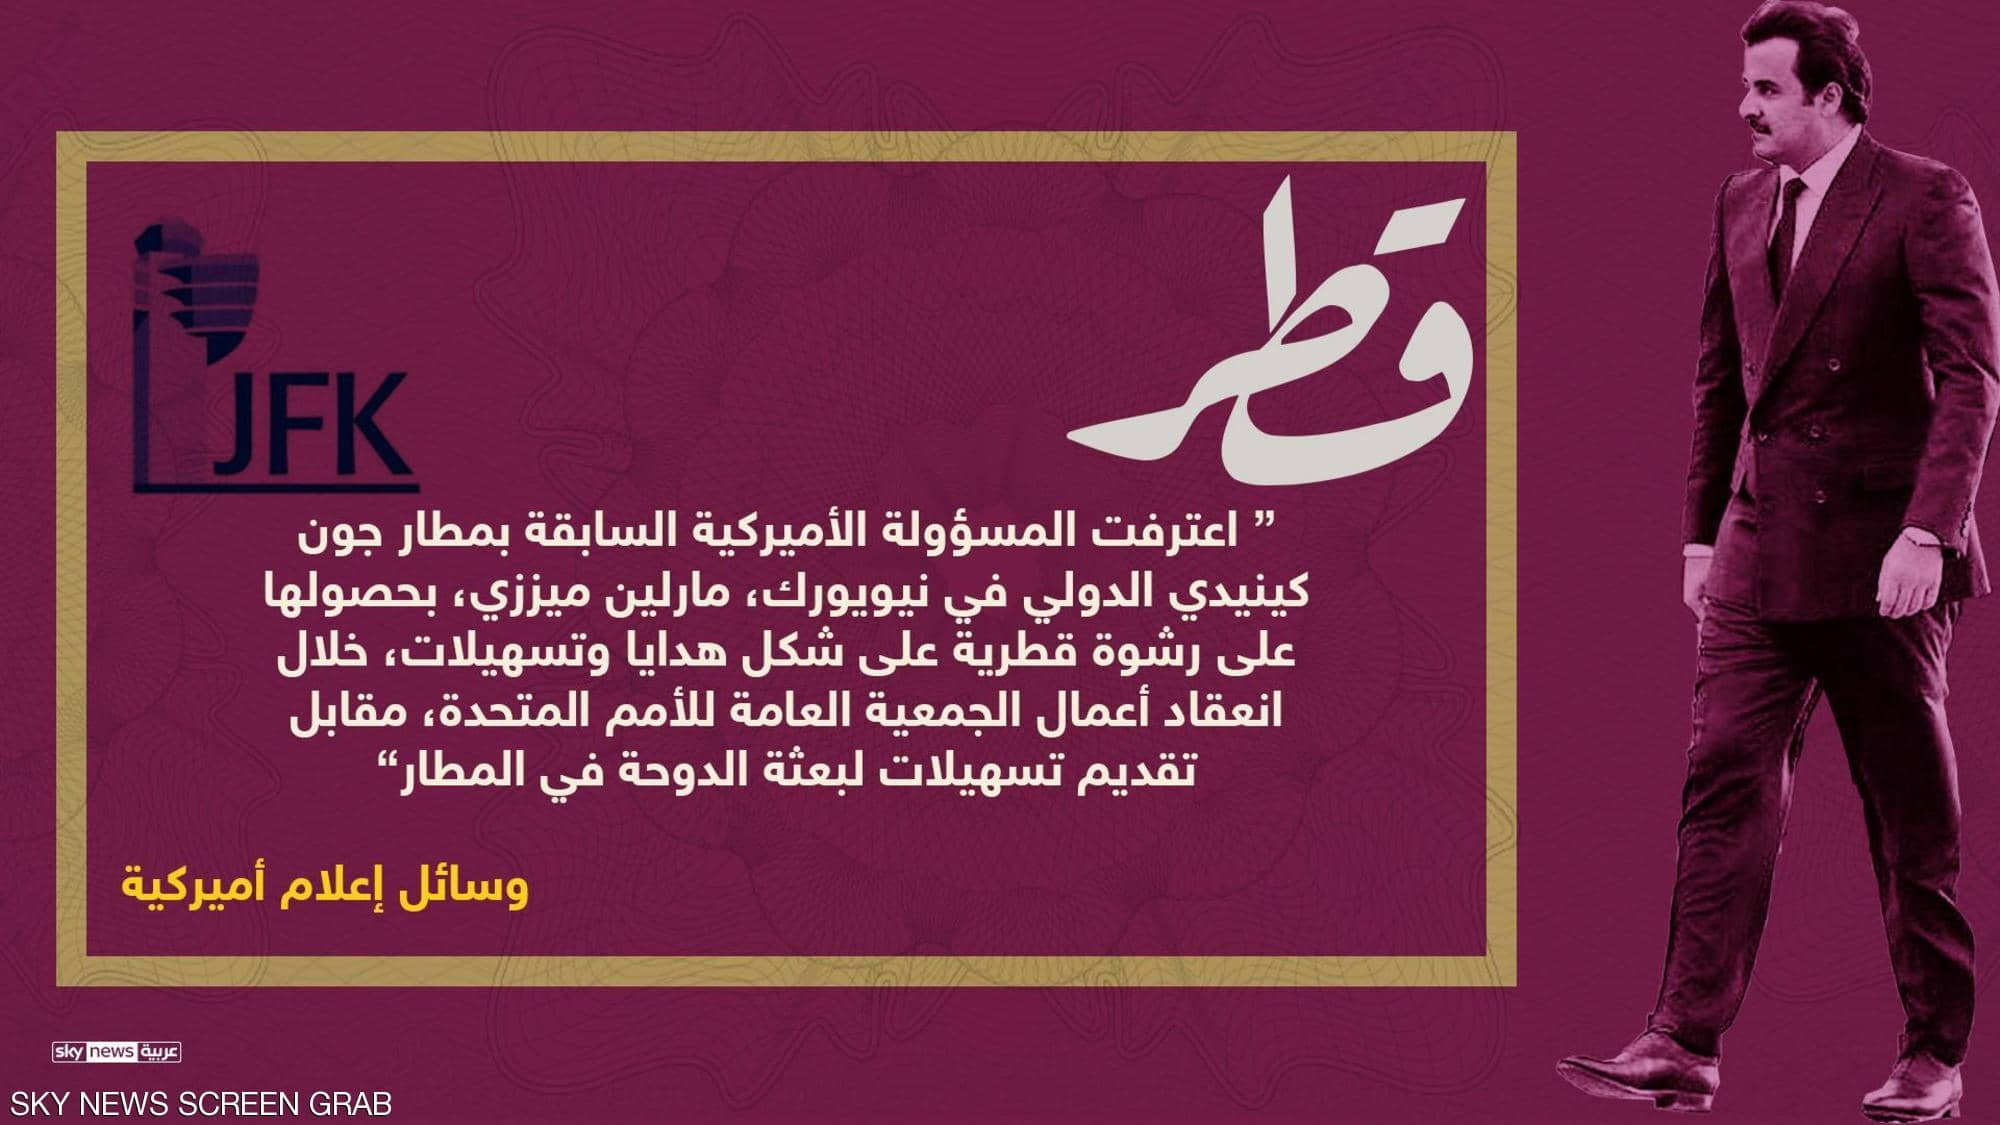 قطر تقدم الرشاوى فى الهدايا والتسهيلات